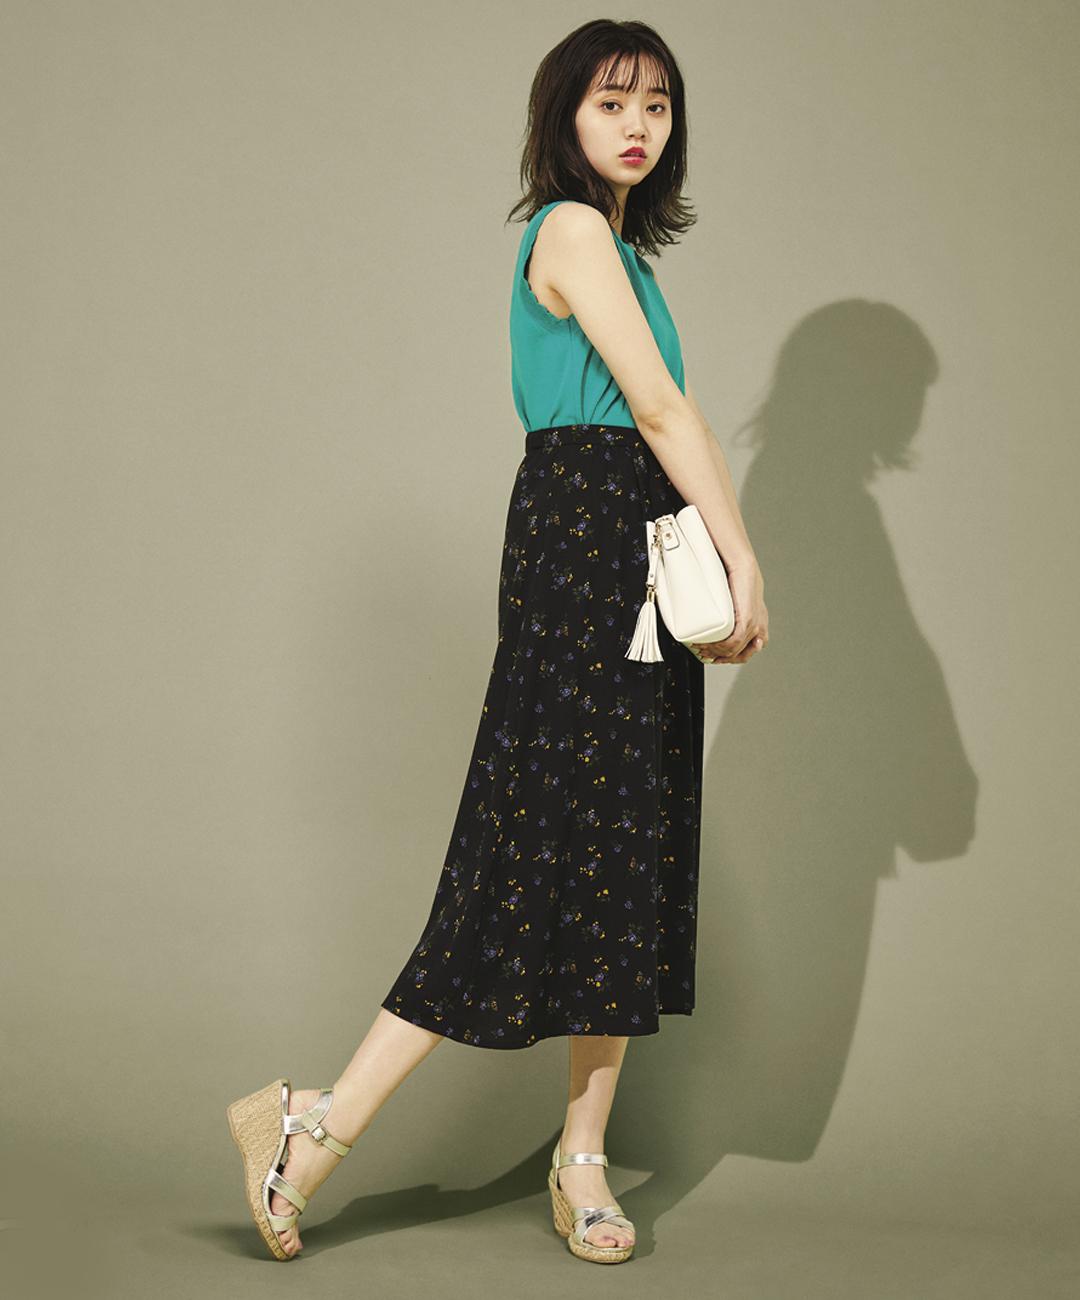 【夏のロングスカートコーデ】江野沢愛美は、花柄スカート×メタリックサンダルで大人っぽく